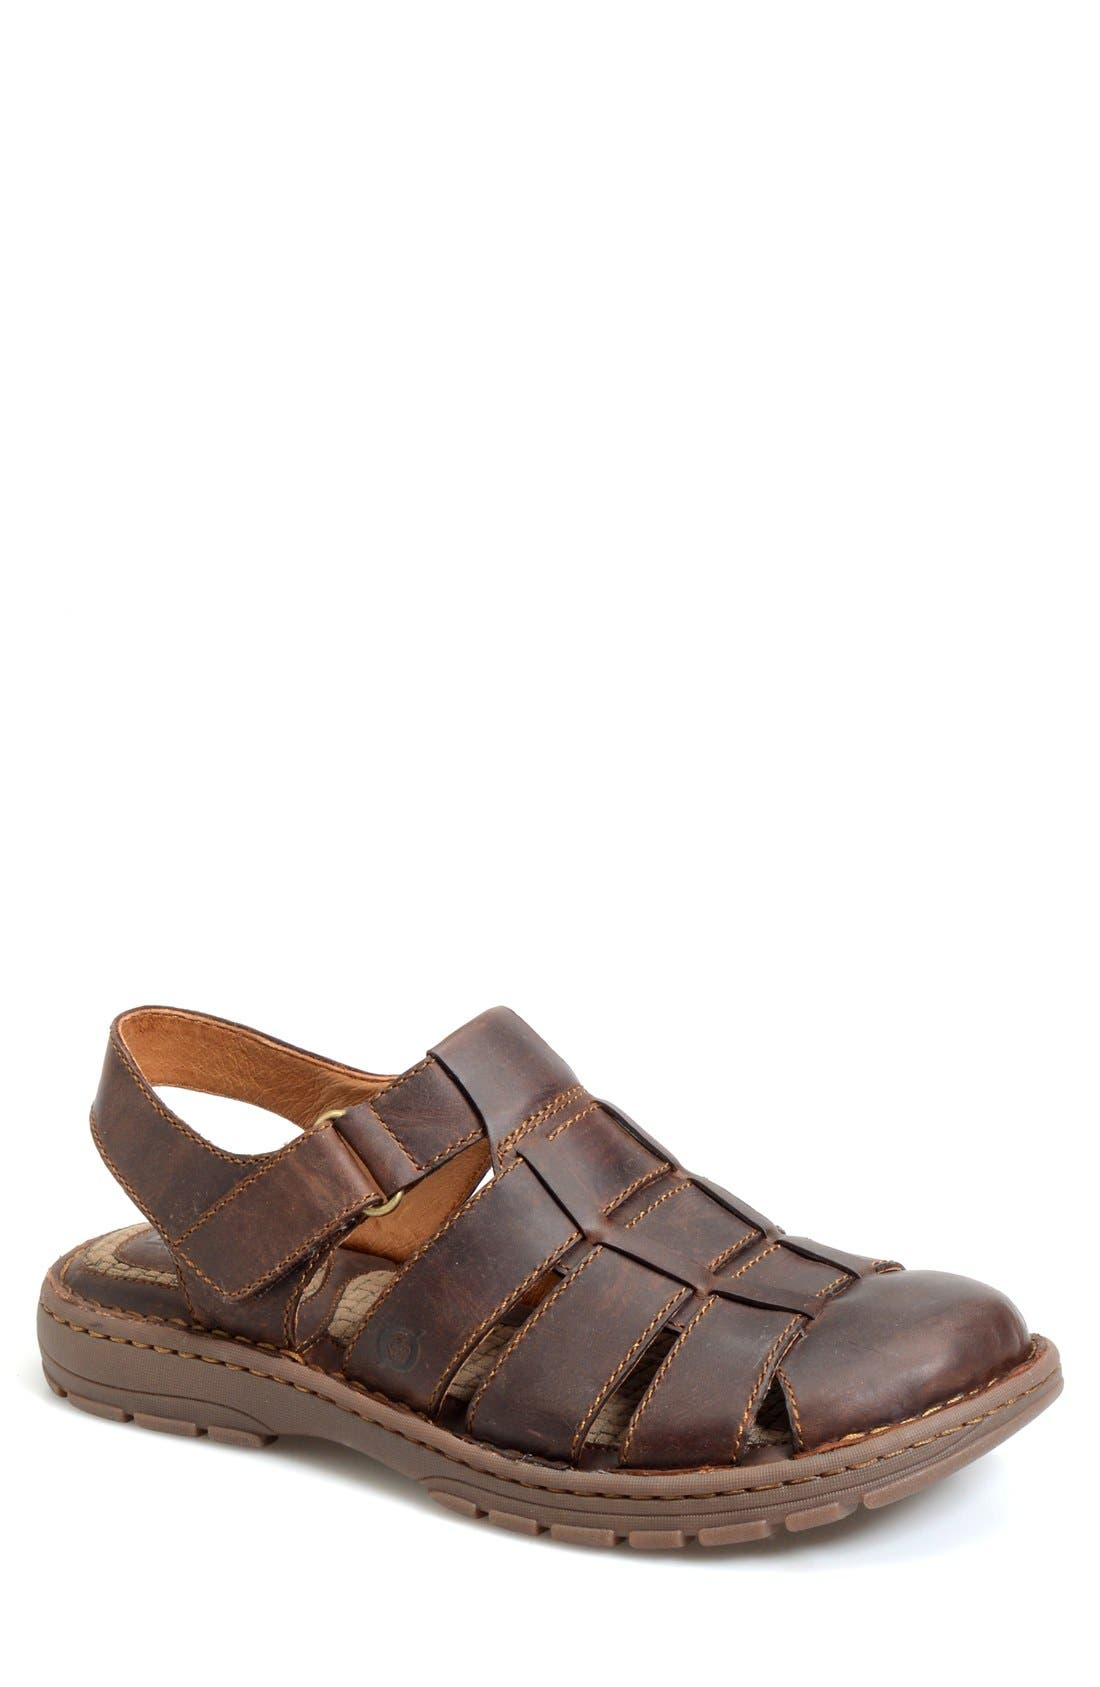 Main Image - Børn 'Osmond' Leather Sandal (Men)